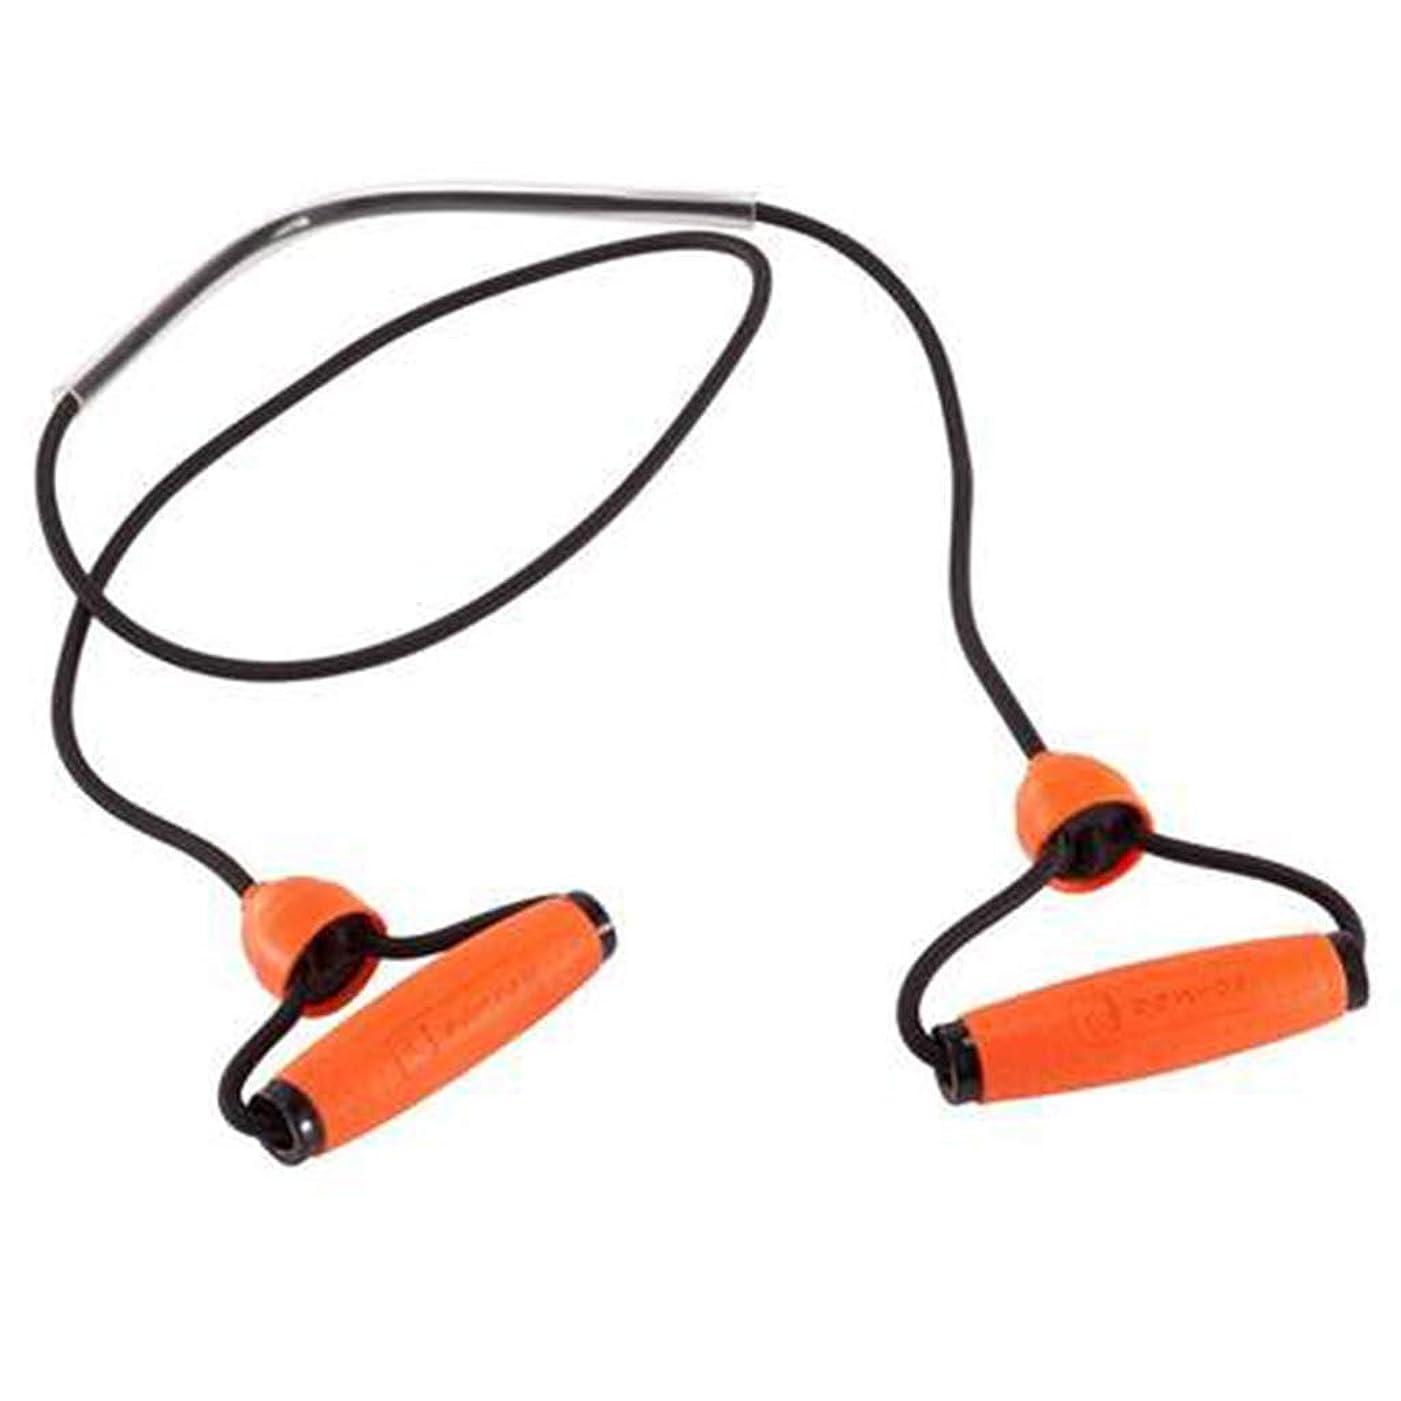 酸素別れるお多機能ワードプルロープホームラリーフィットネス弾性ロープラテックスチューブアームの力の胸 (色 : Orange)